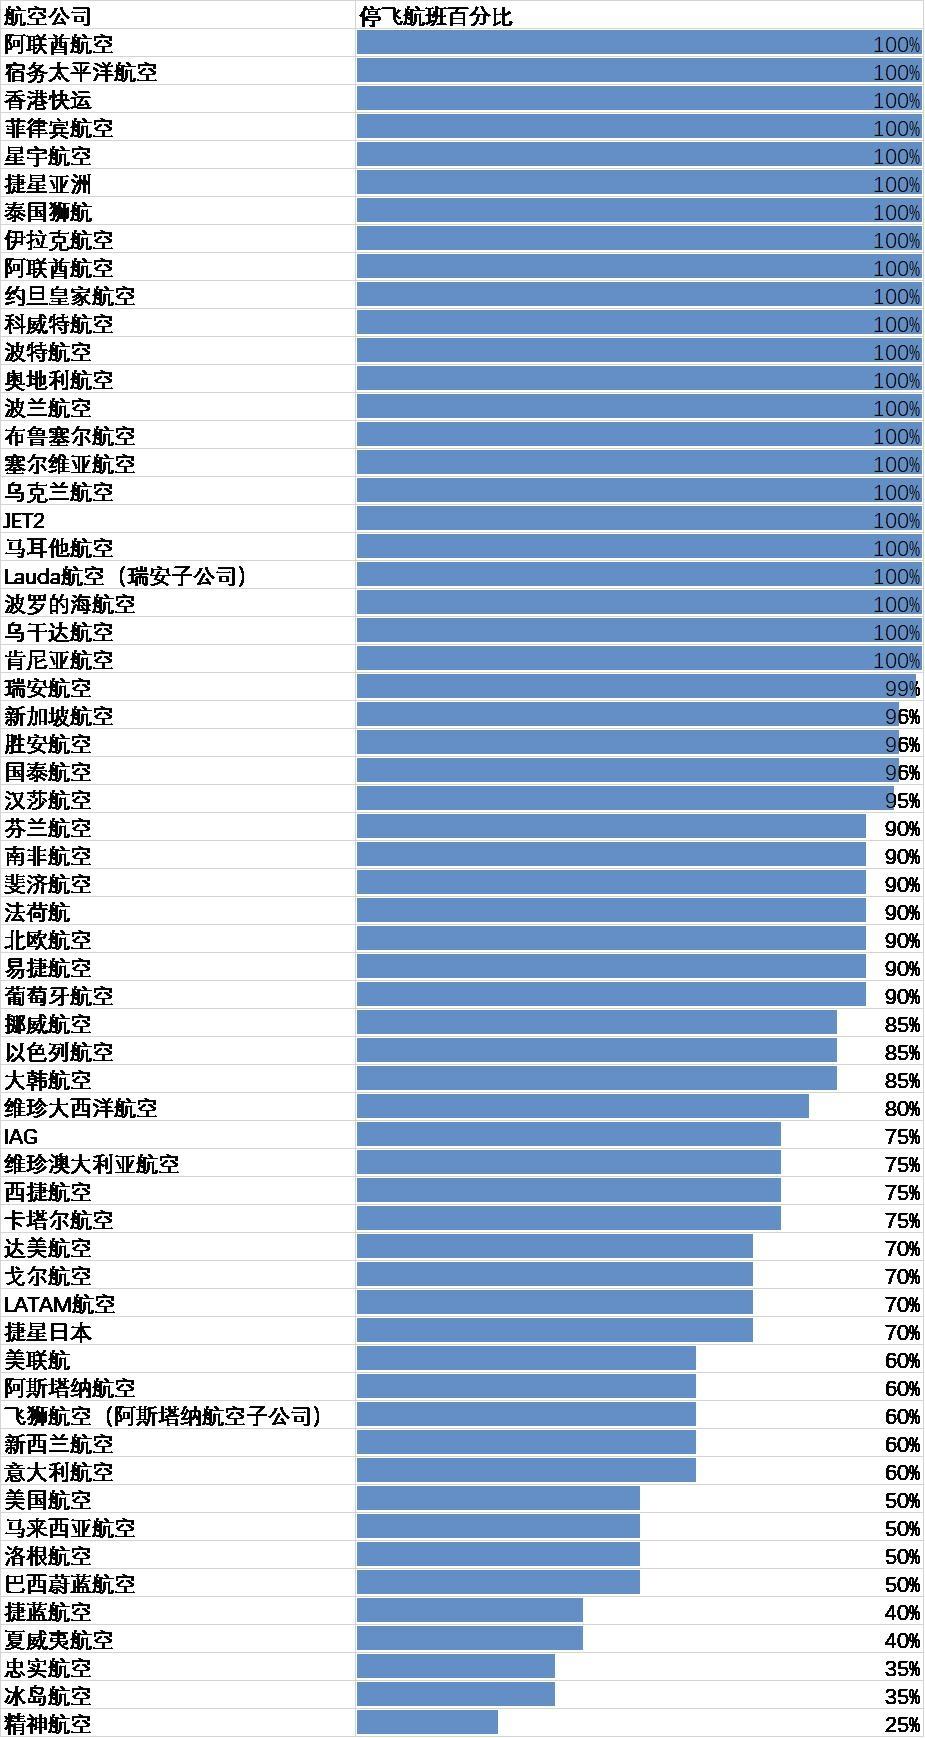 全球各航司停飞航班数占比